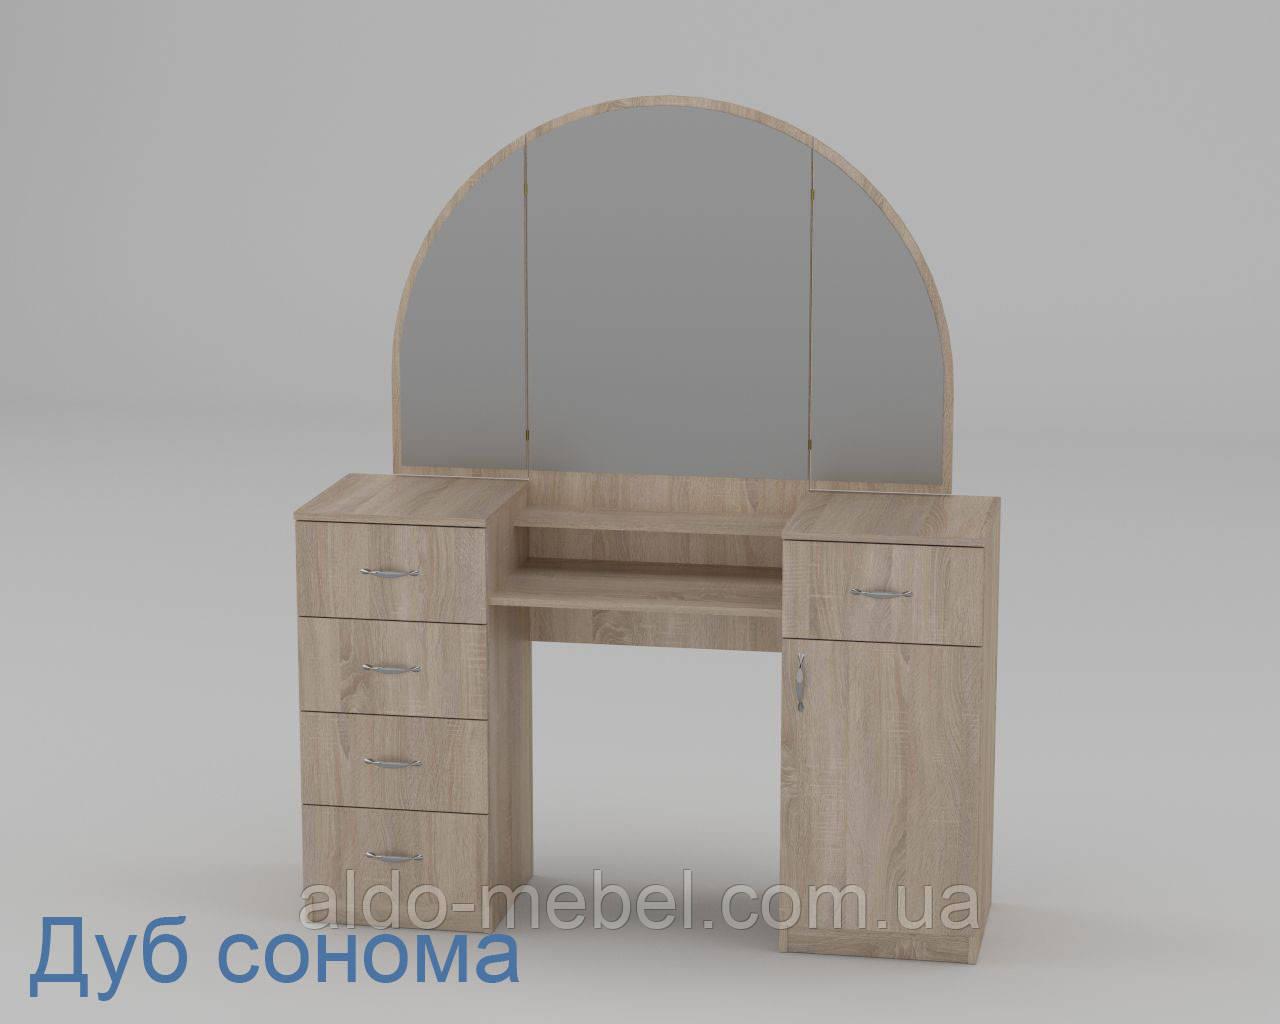 Трюмо - 5 Габариты Ш - 1400 мм; В - 1700 мм; Г - 420 мм (Компанит)